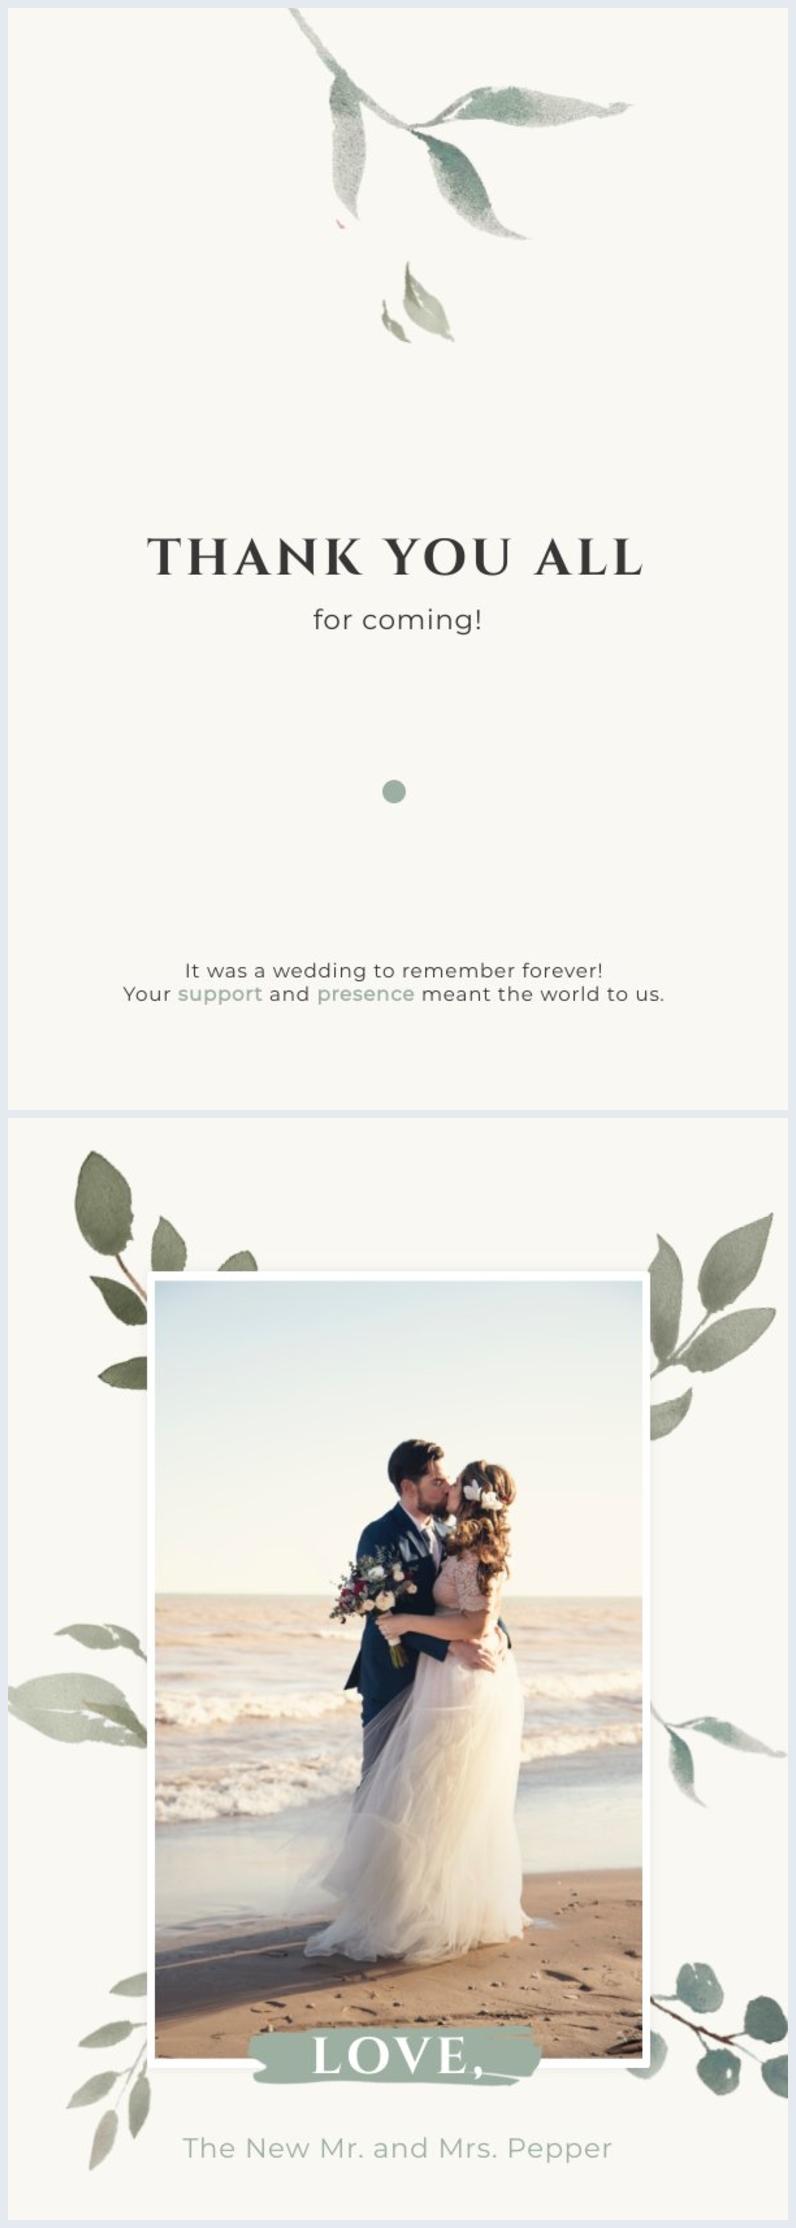 Design de carte de remerciement de mariage élégant